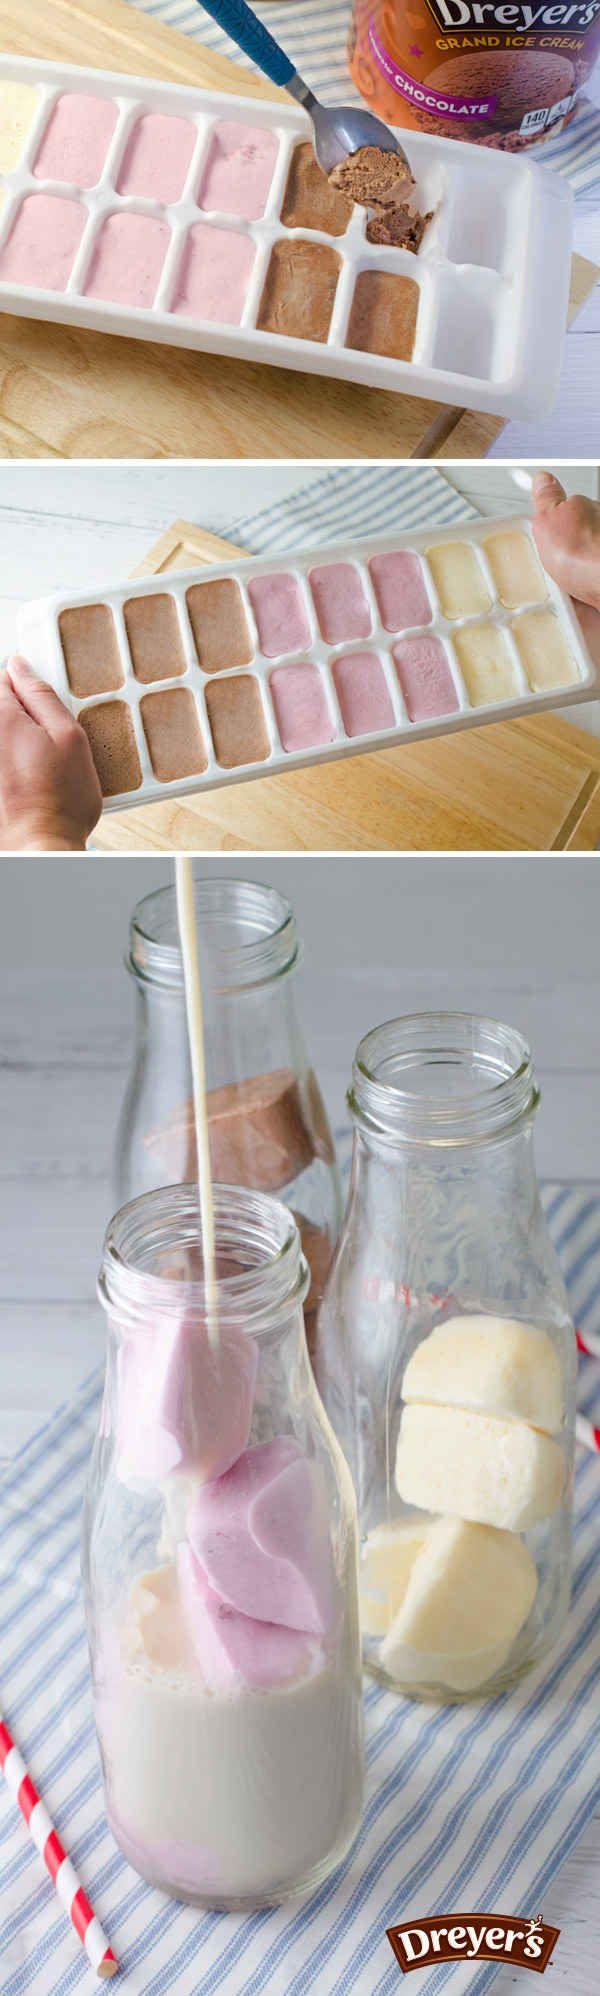 Make some milkshakes to take on-the-go.